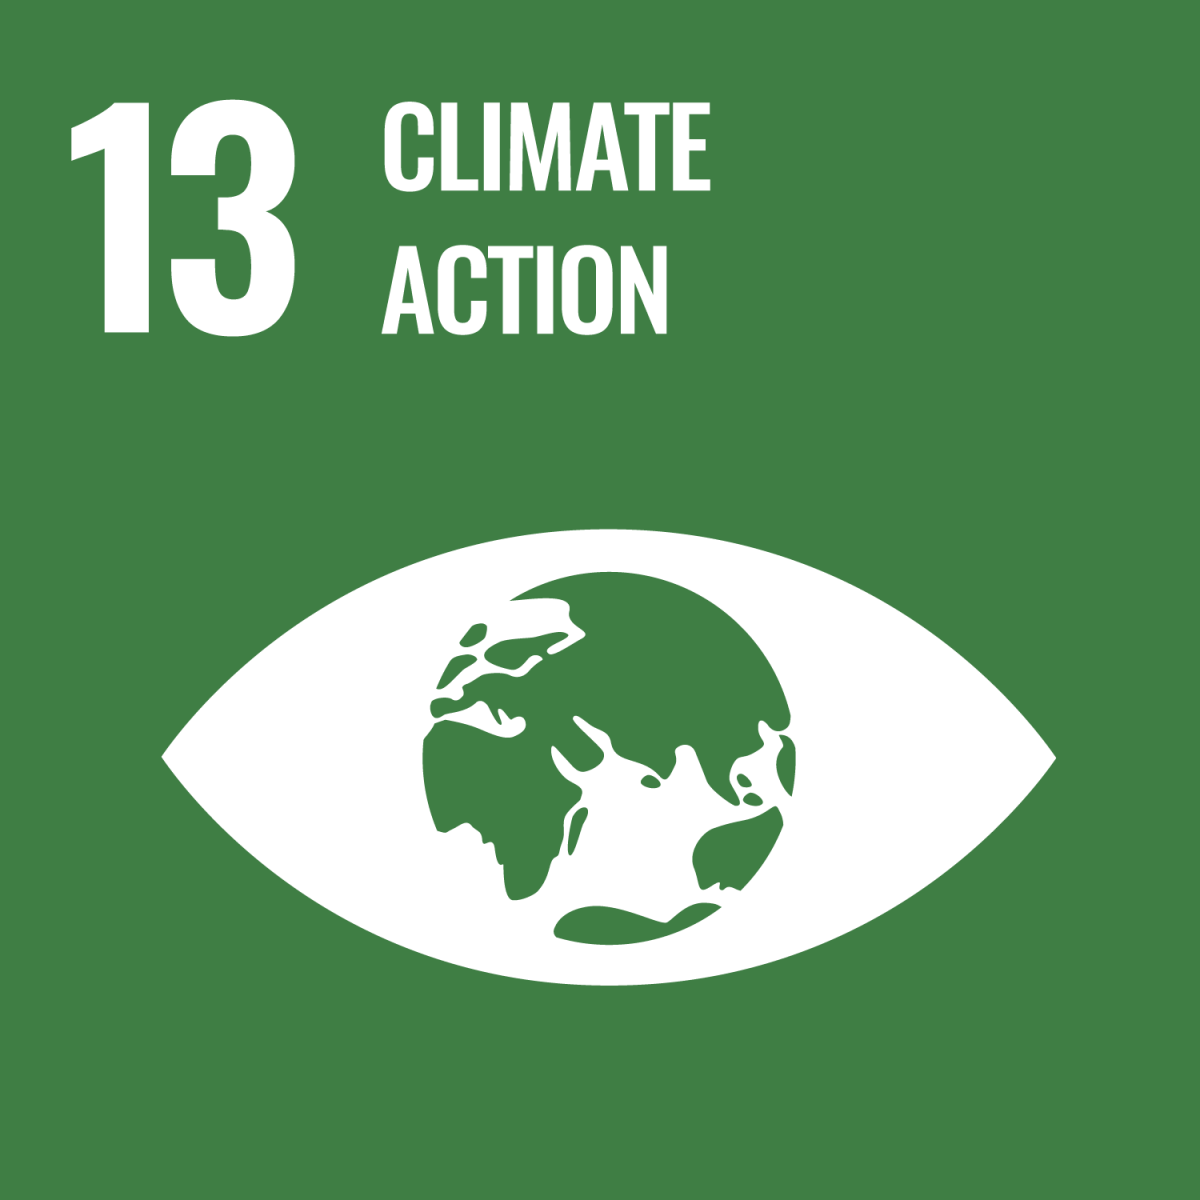 ODS 13 - Ação climática